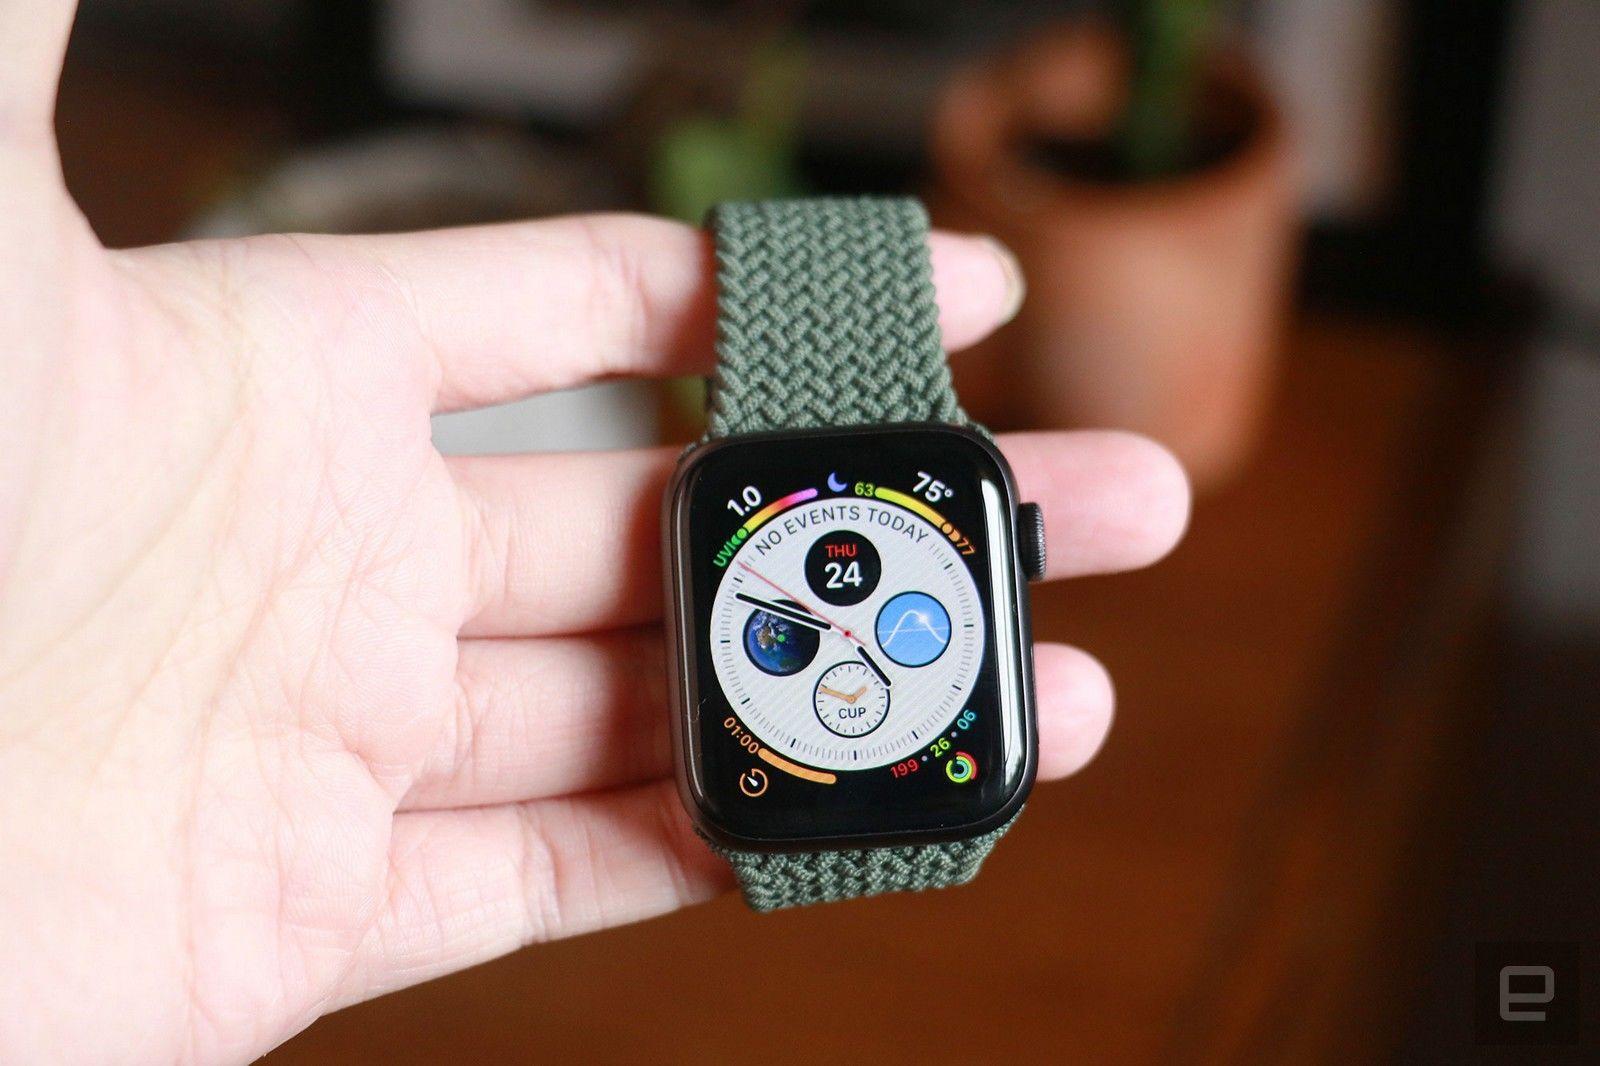 Apple Watch SE (hücresel bağlantıyla 44 mm) Amazon'da 300 dolara düştü | Engadget